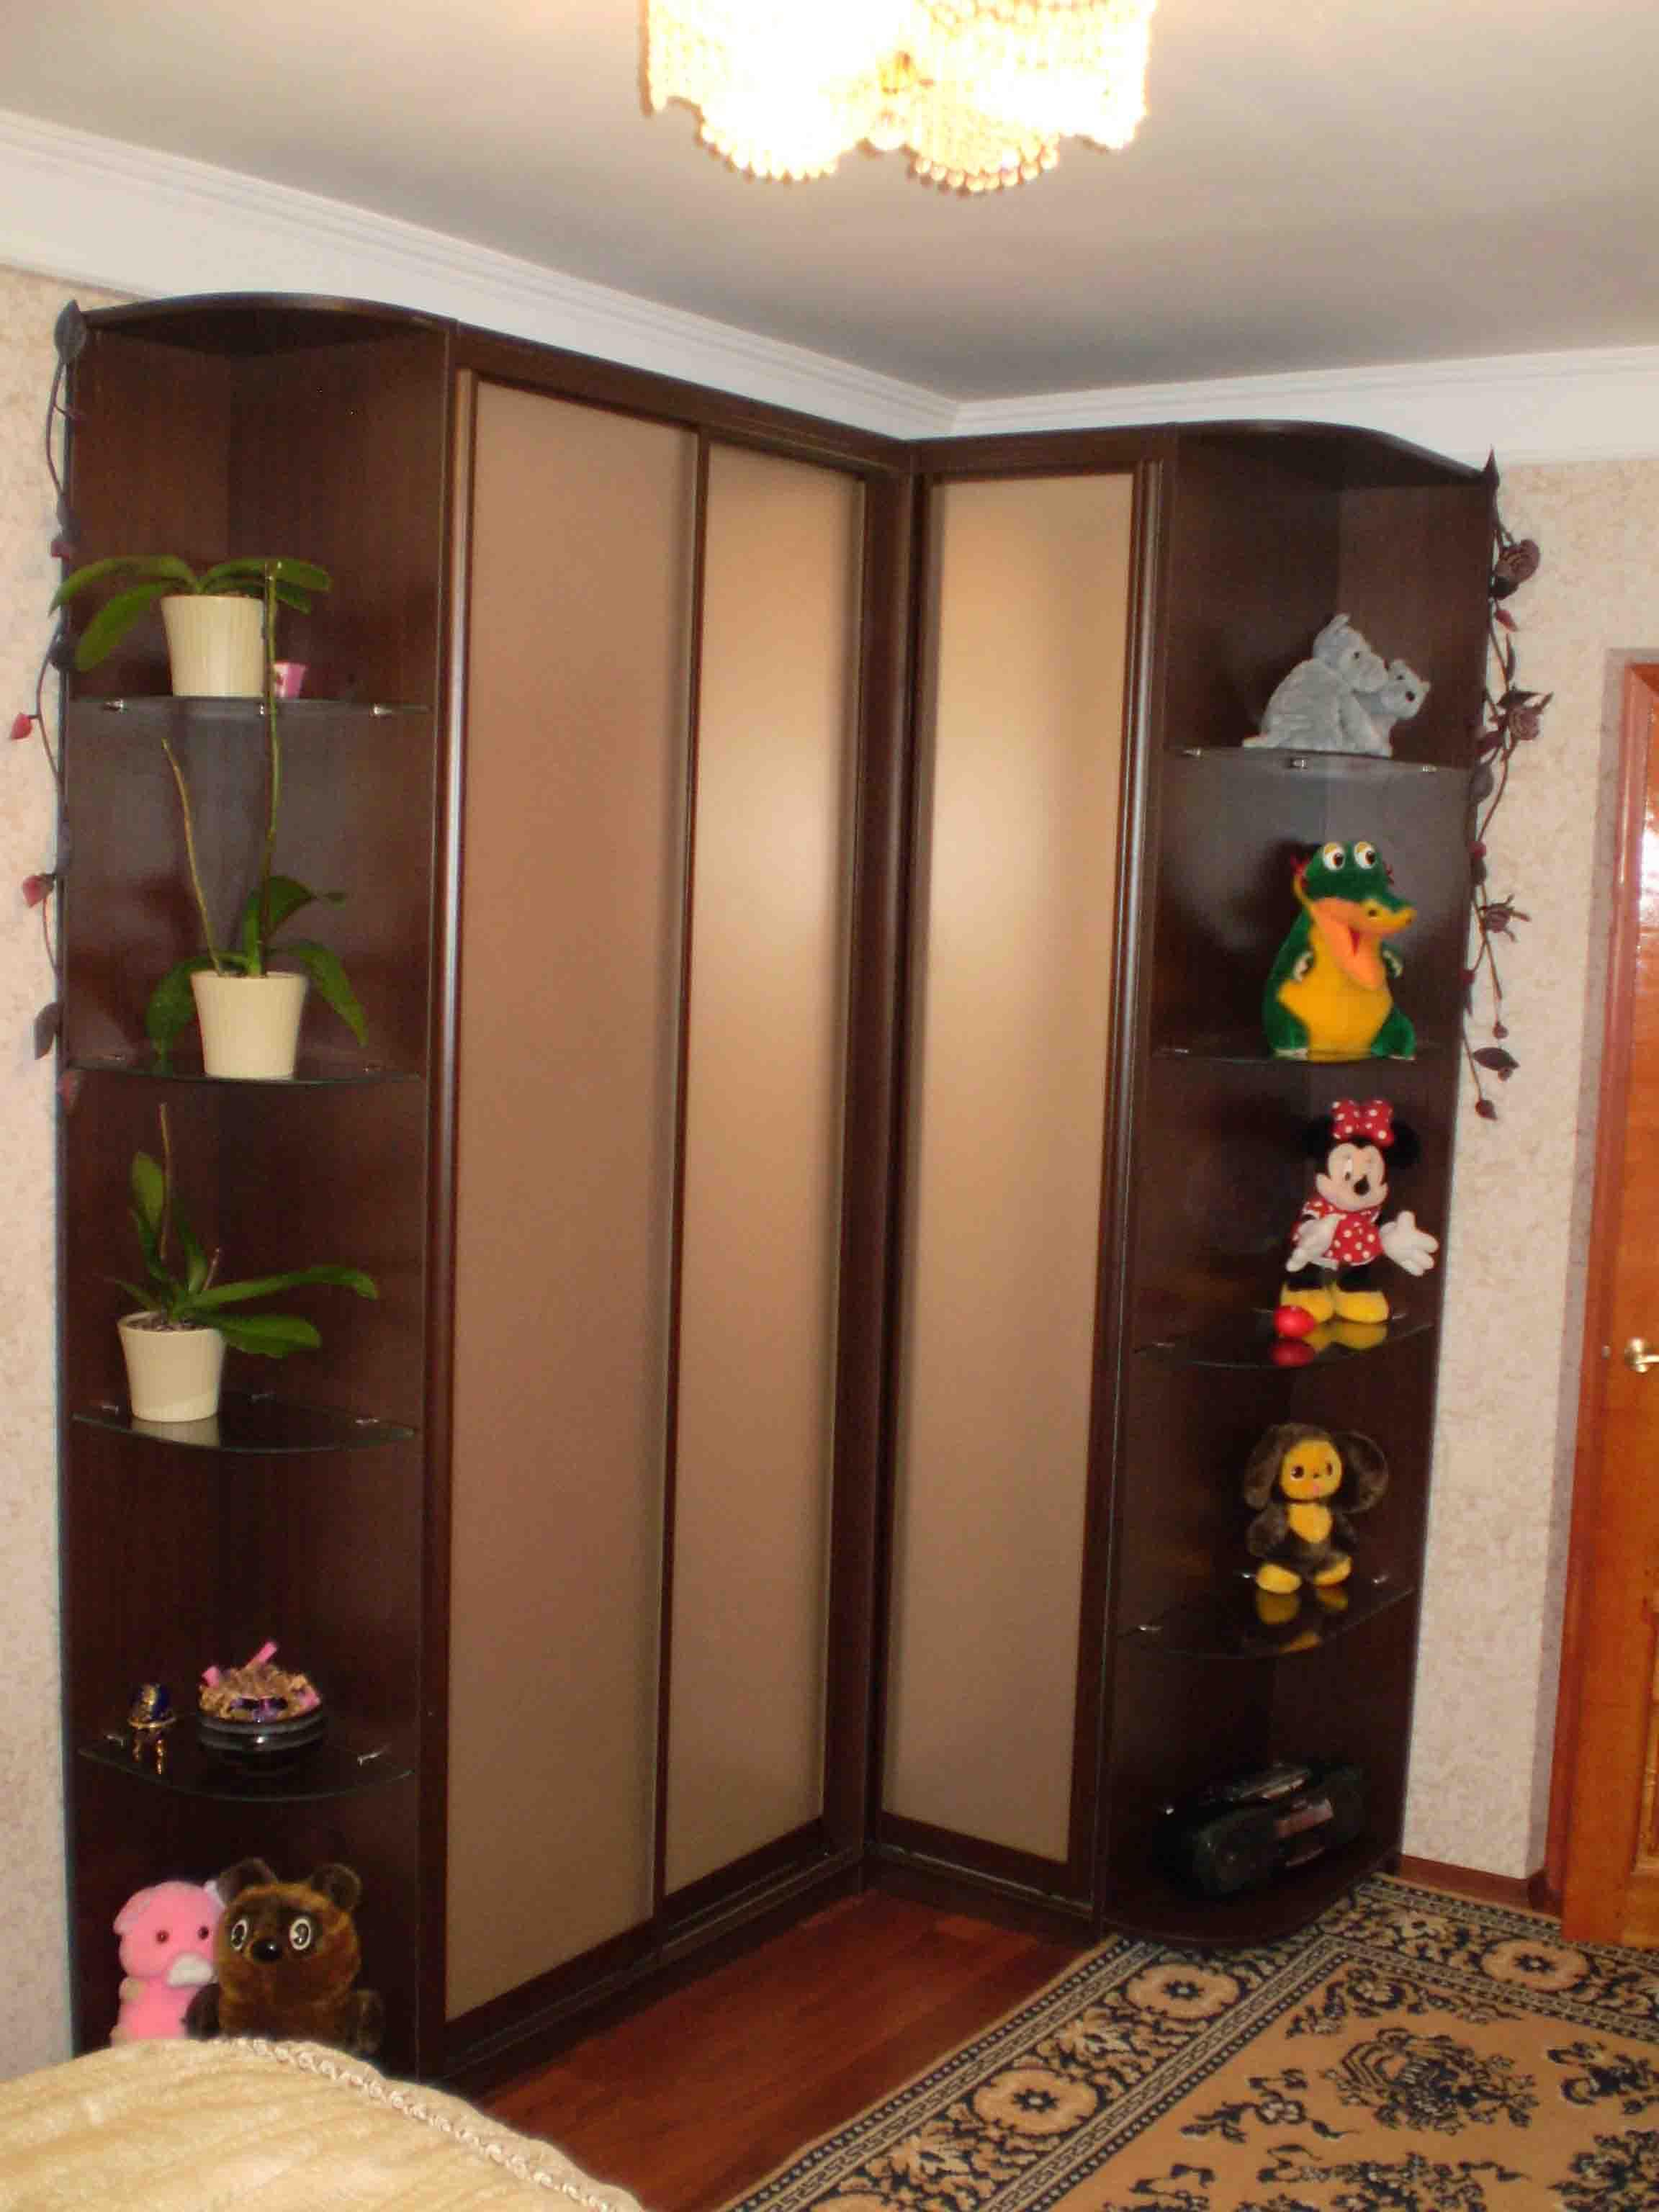 Заказать угловой шкаф-купе в красноярске, цены и фото.